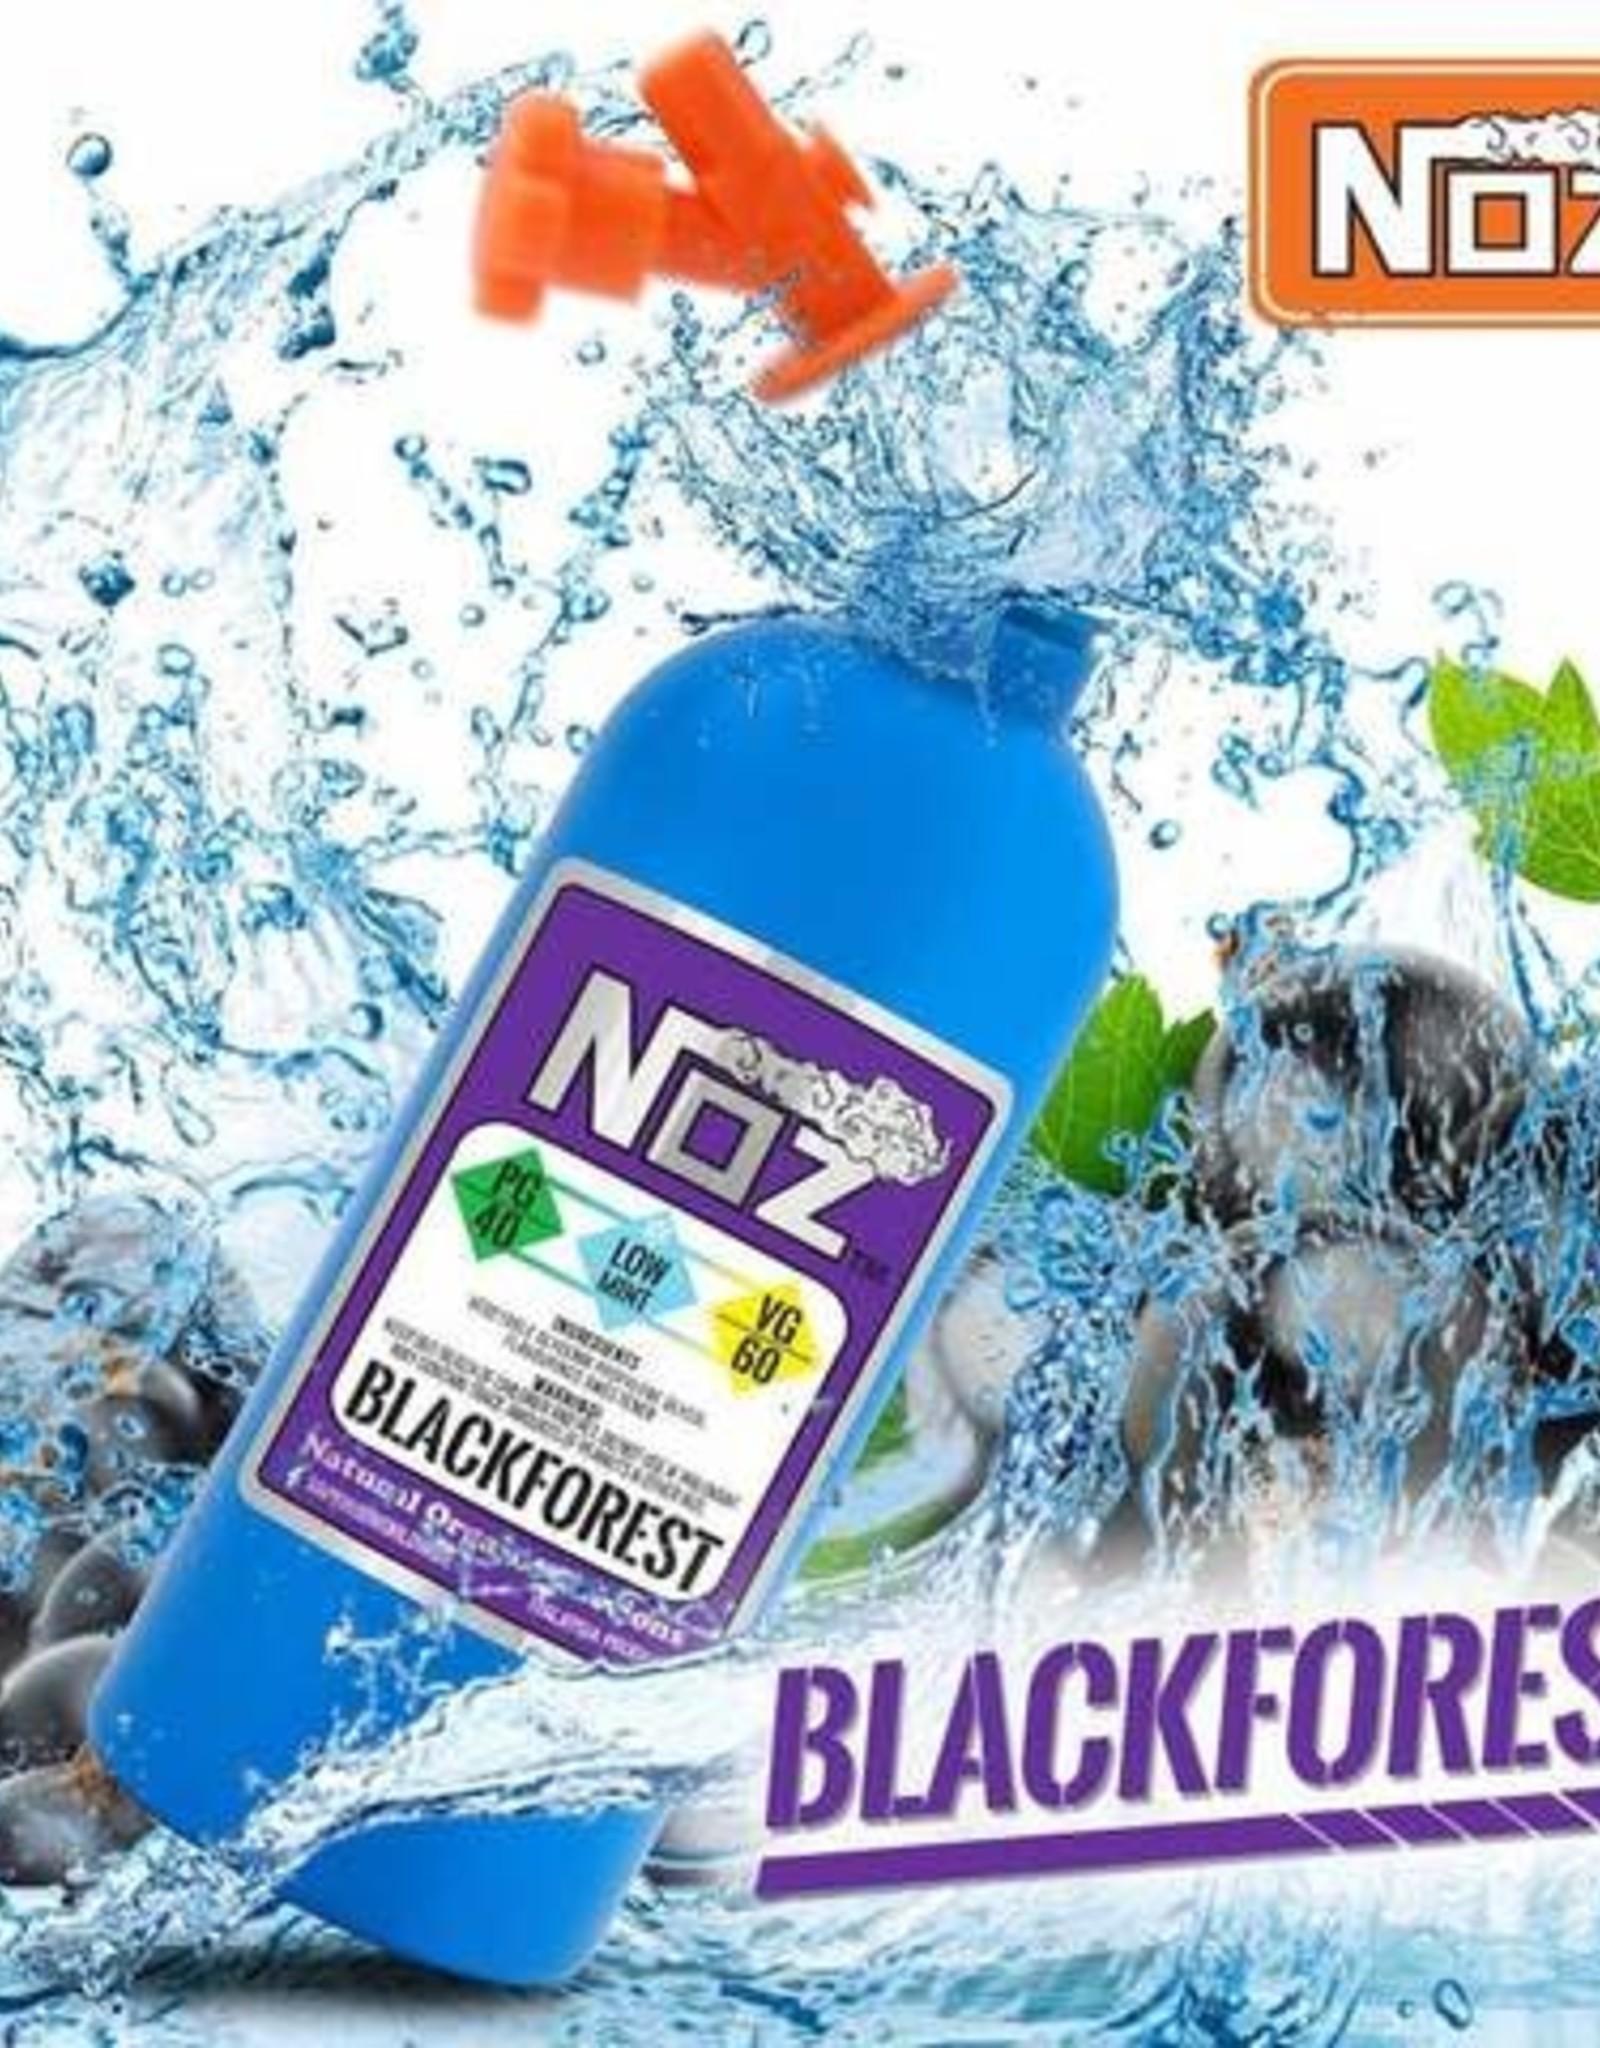 NOZ NOZ - Blackforest 50ml